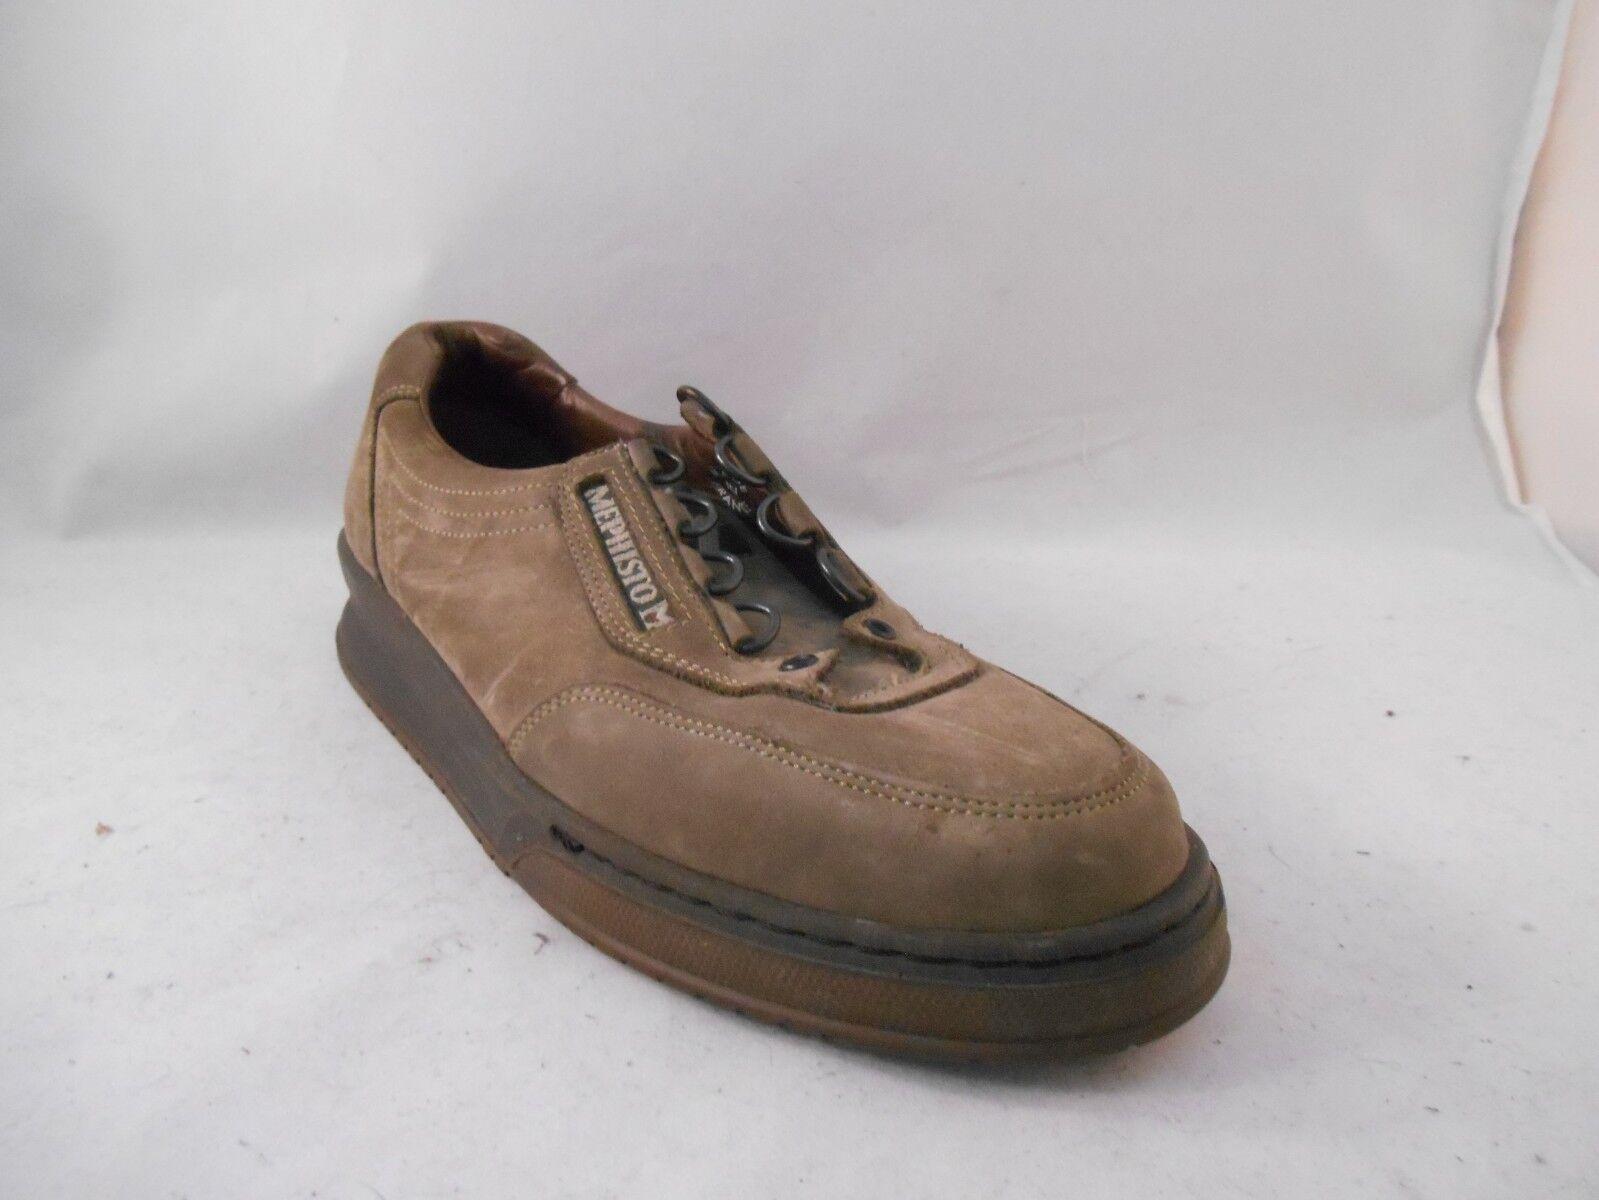 Mephisto Nubuck Marrón Taupe Casual Zapatos Con Con Con Cordones WMN Talla 8 M 5.5 UK 38 EU  más descuento